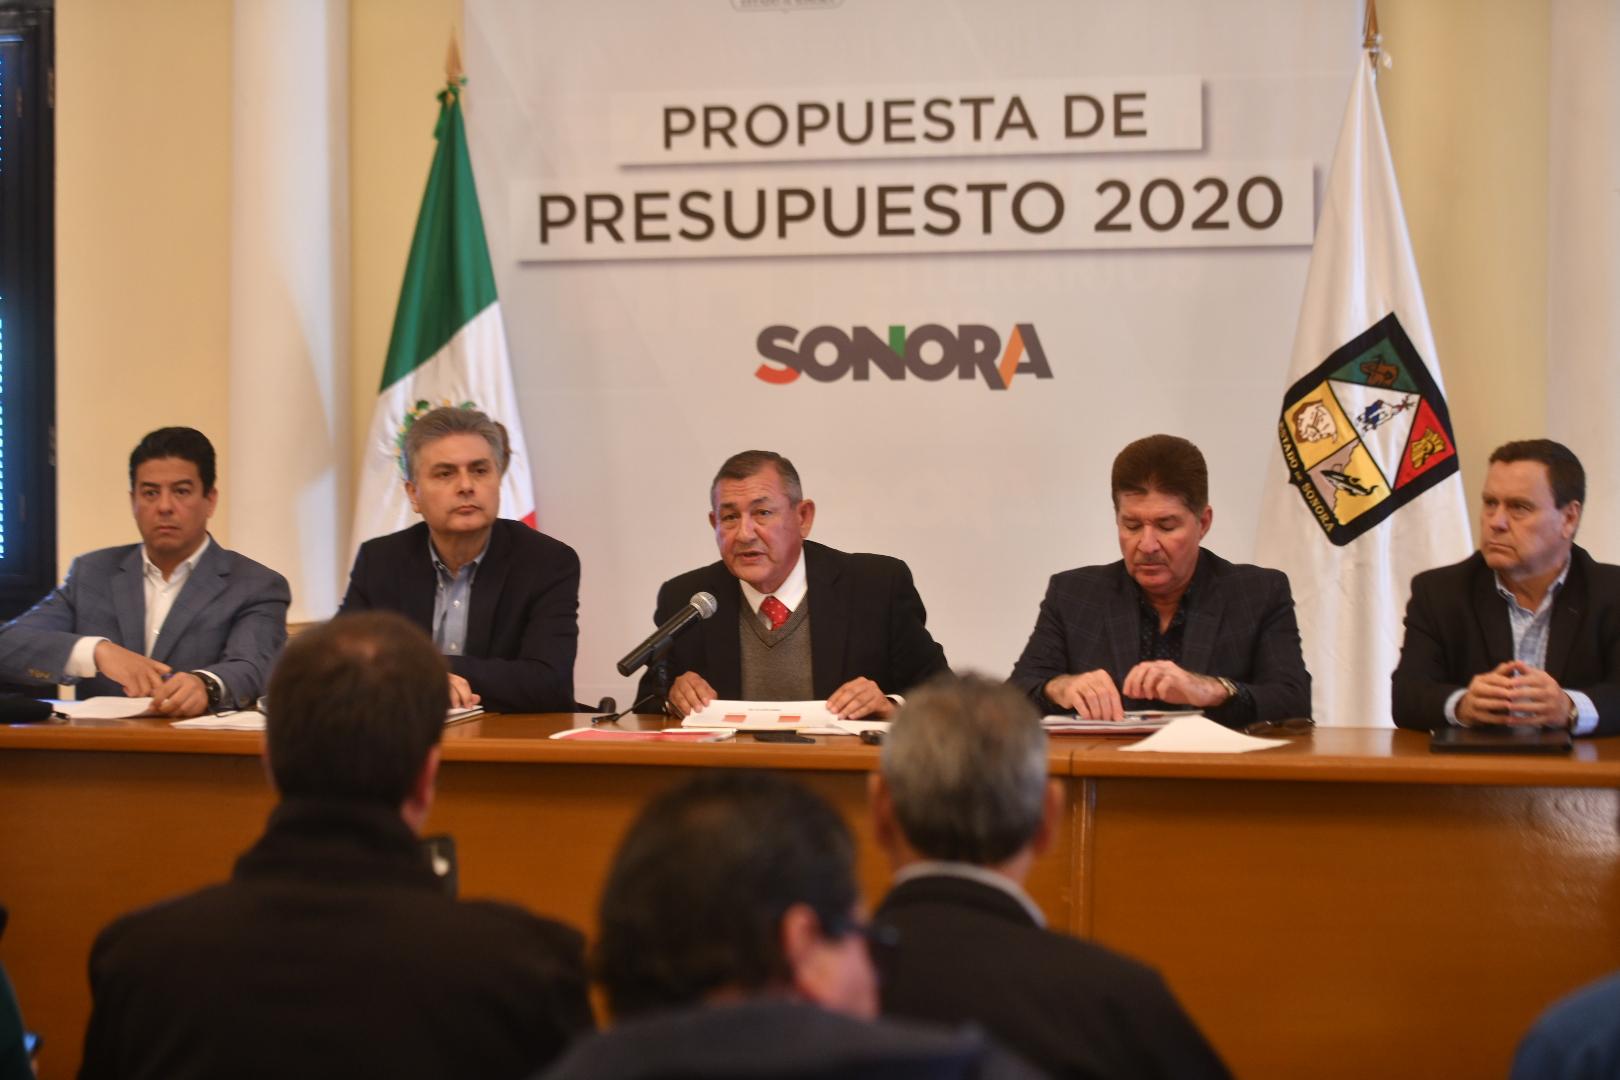 Sonora pedirá prestado mil 300 mdp para construir obra: Raúl Navarro